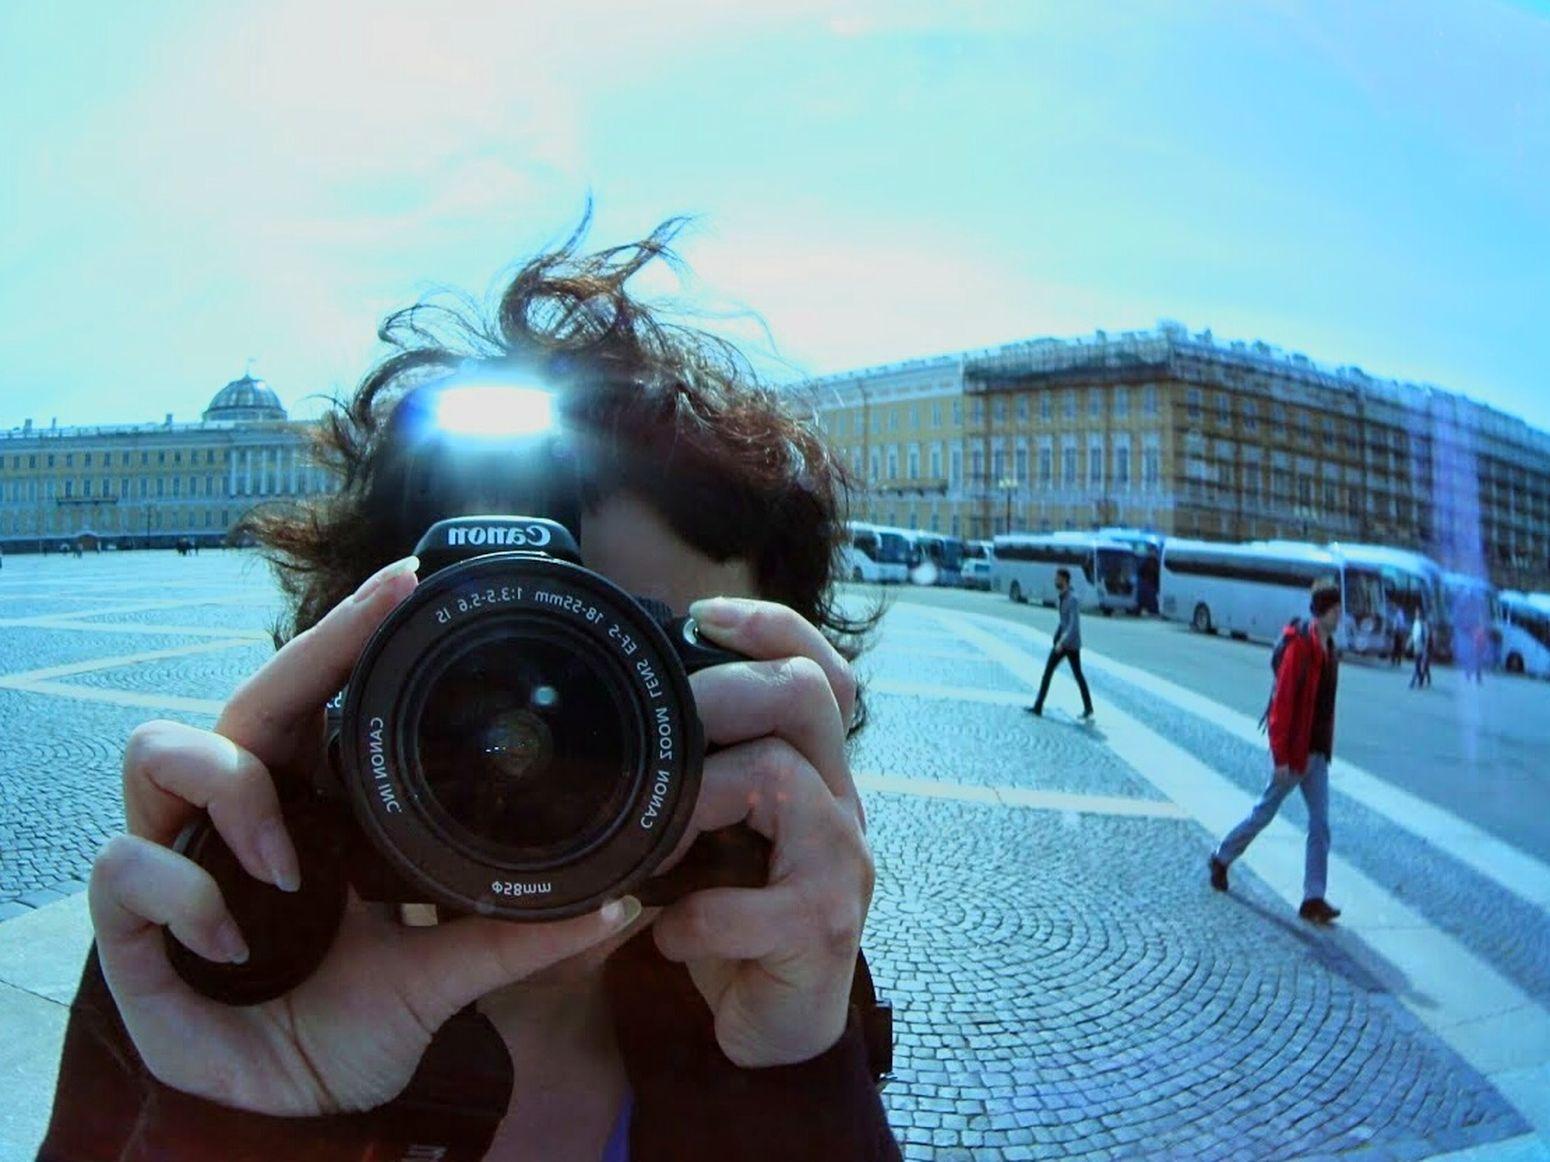 Яна фото Сьемка обьектив Питер Дворцовая площадь Санкт-Петербург